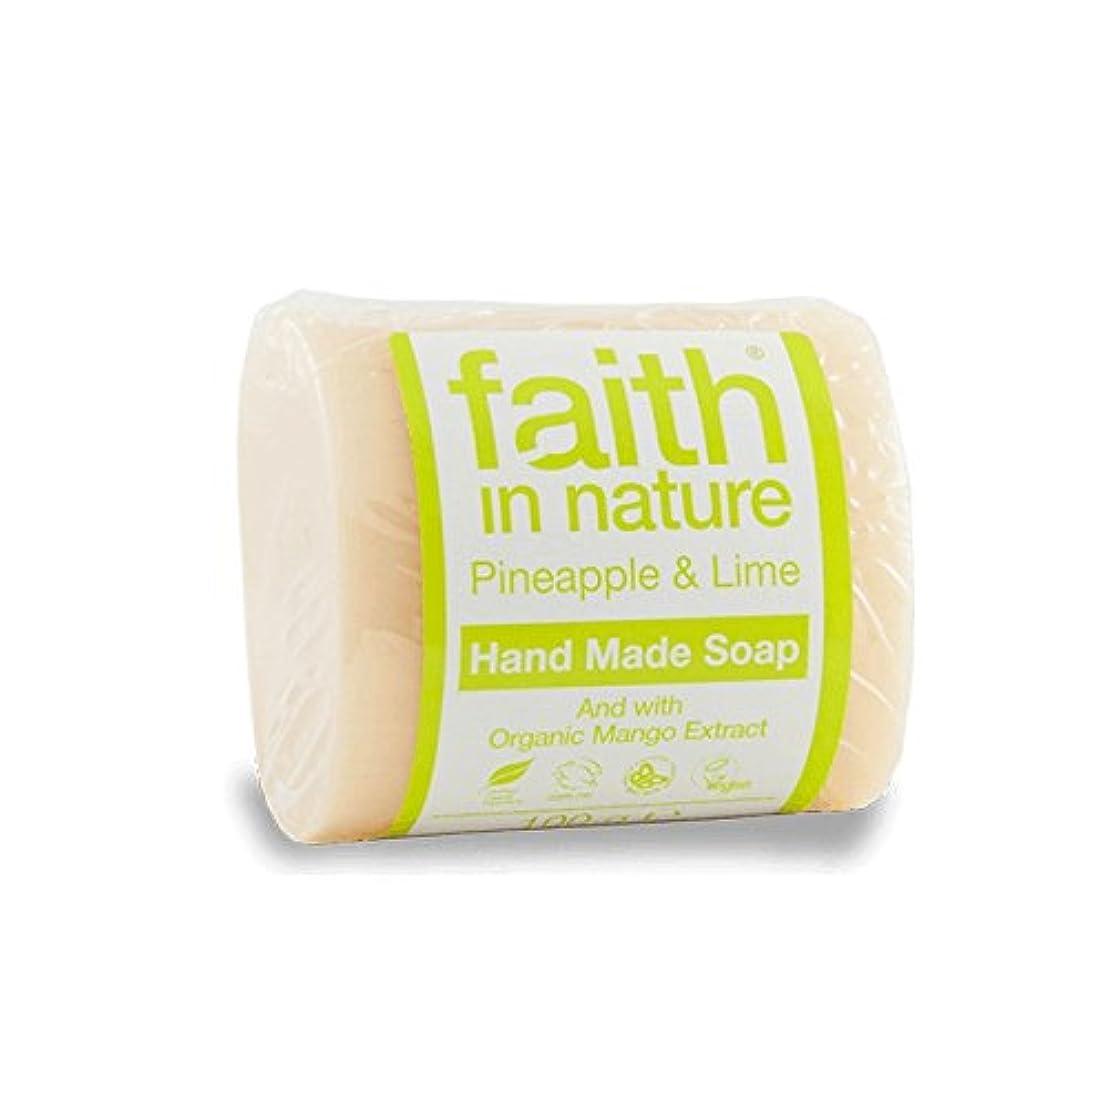 アレキサンダーグラハムベル測定可能フルーティーFaith in Nature Pineapple & Lime Soap 100g (Pack of 6) - 自然パイナップル&ライムソープ100グラムの信仰 (x6) [並行輸入品]